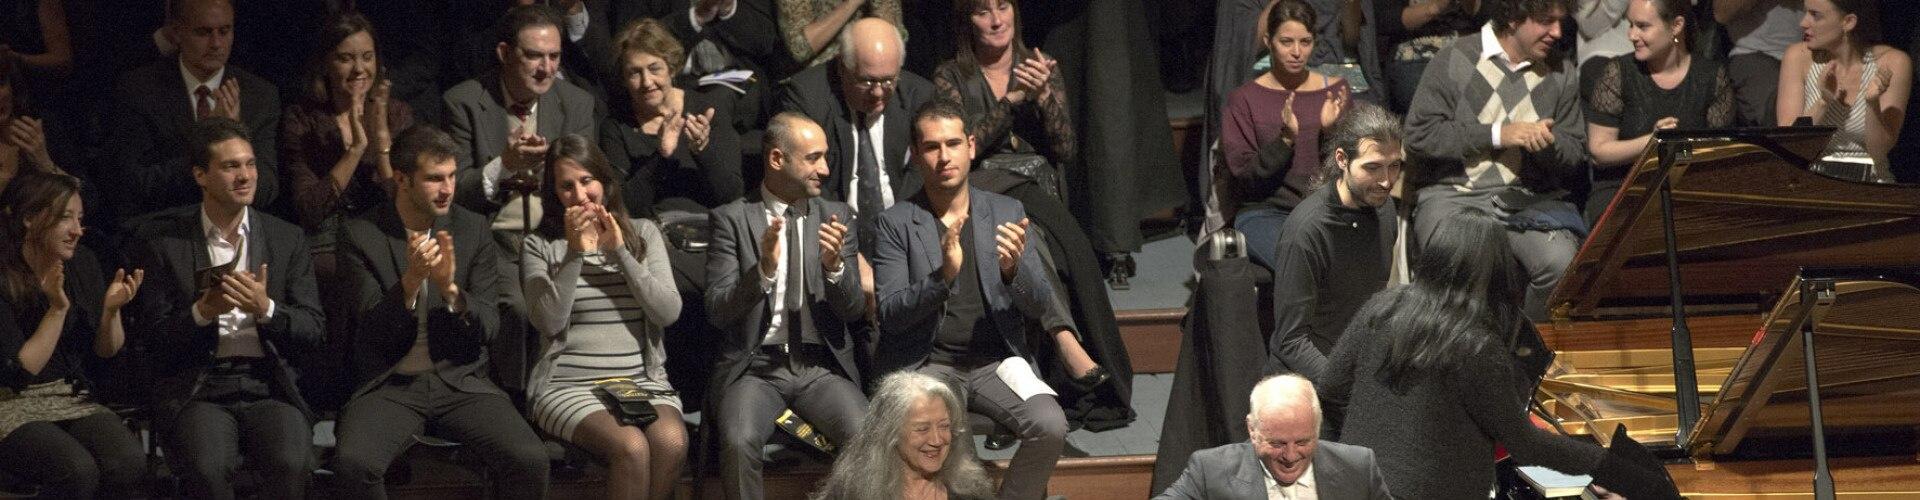 Watch Argerich & Barenboim... Online